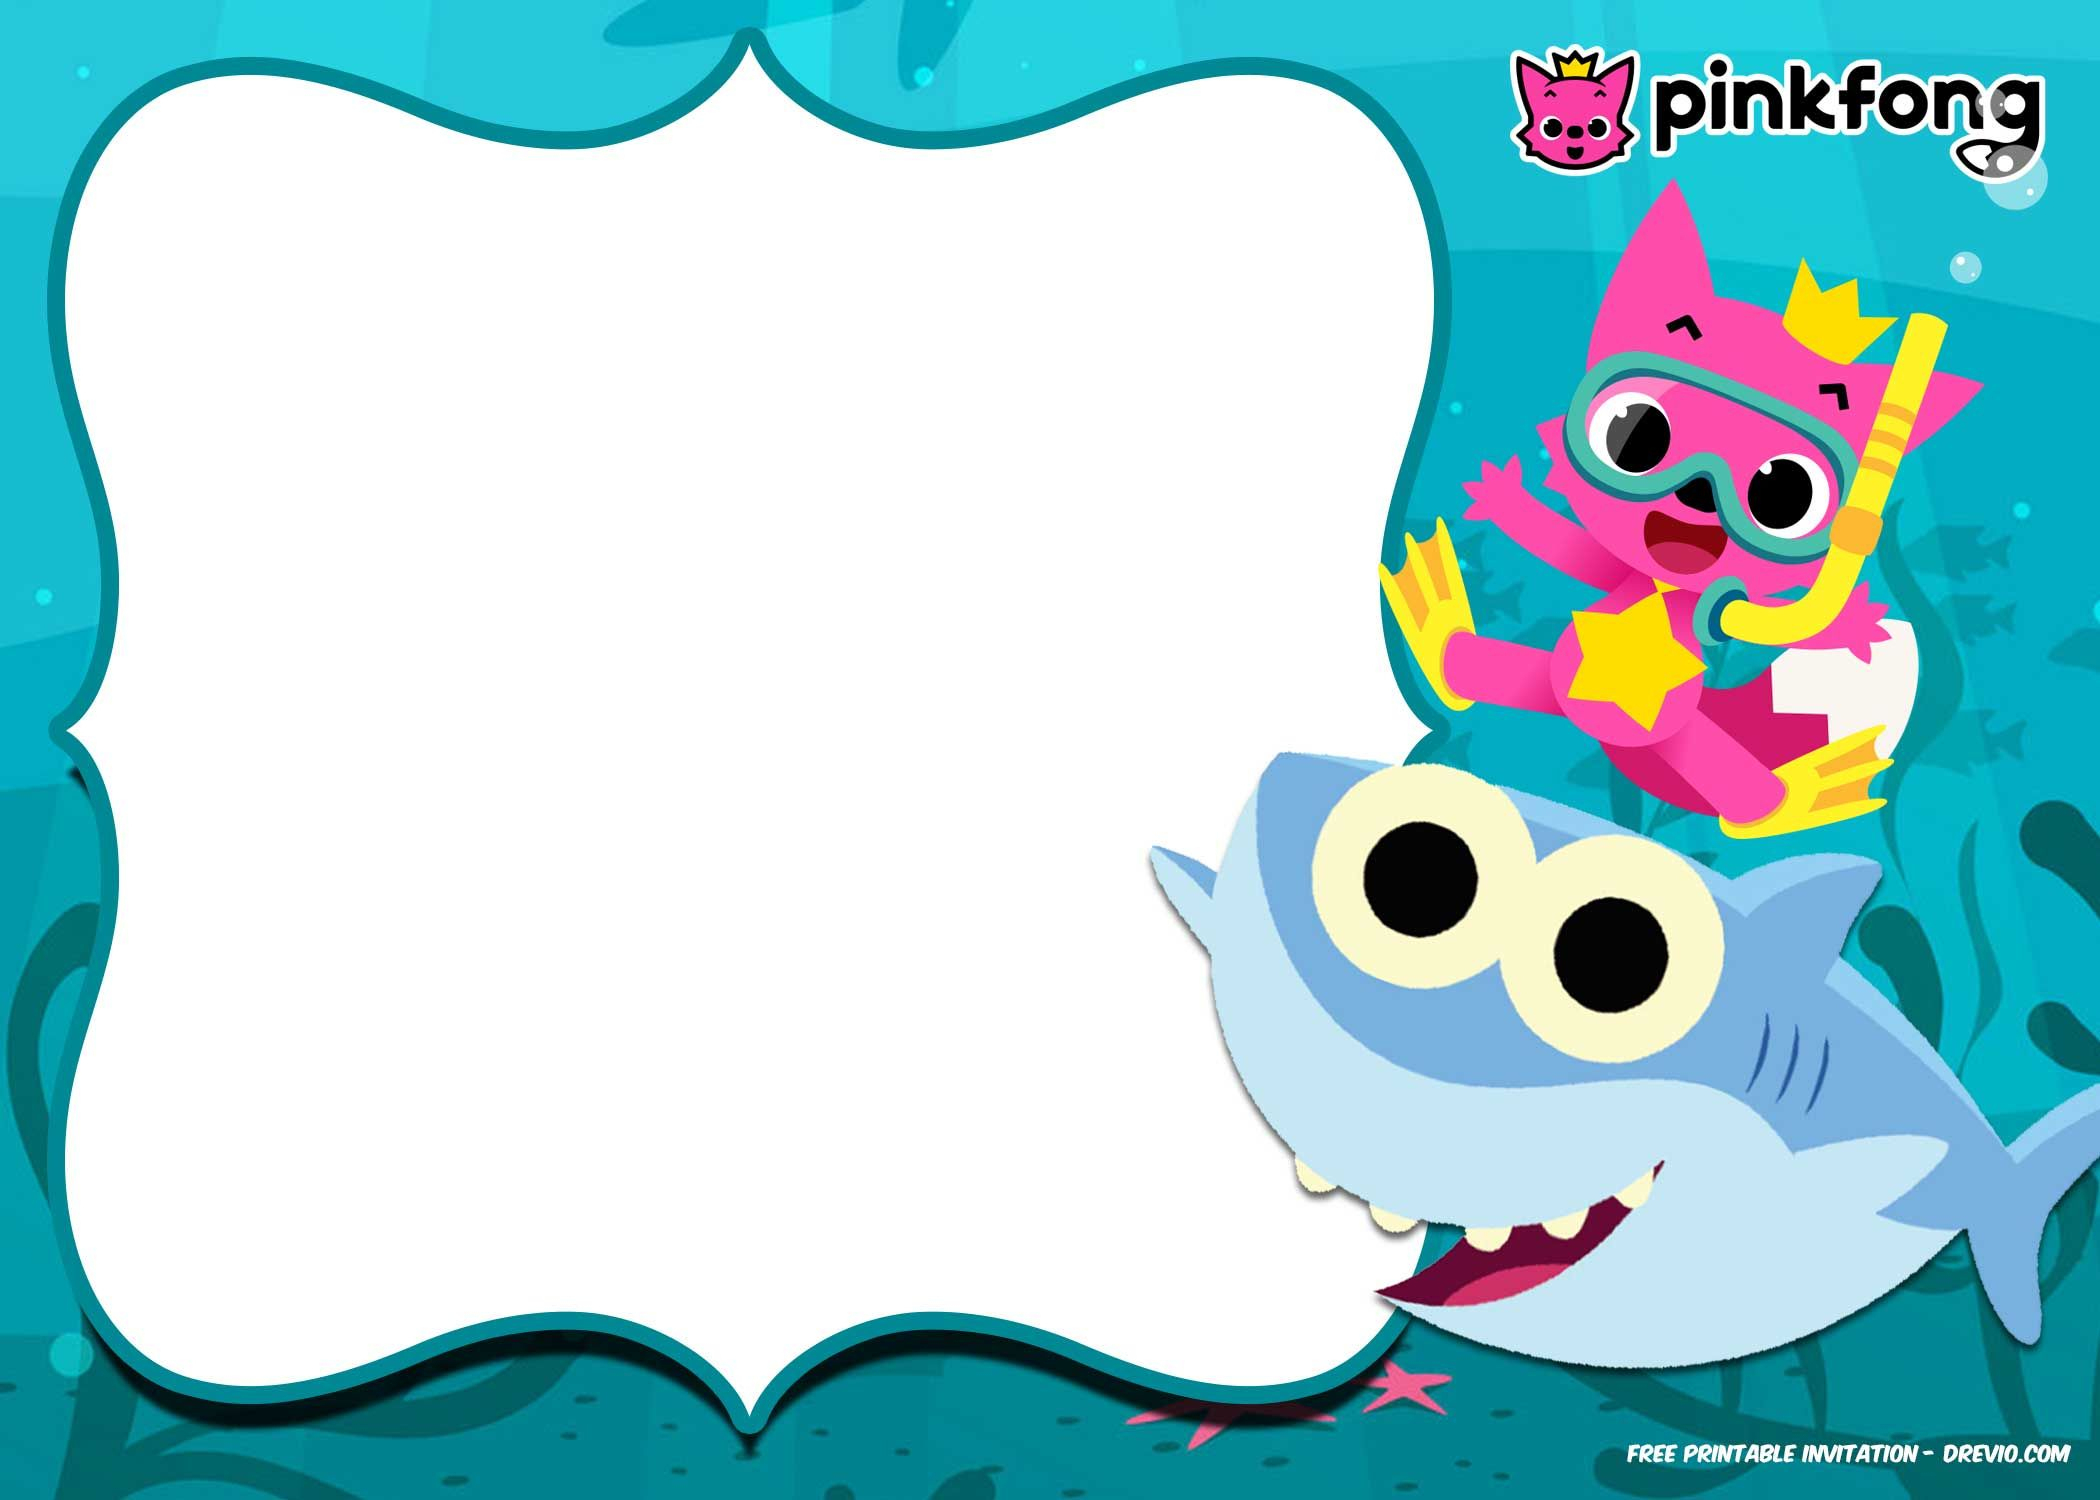 Free Printable Baby Shark Pinkfong Birthday Invitation Template - Shark Invitations Free Printable